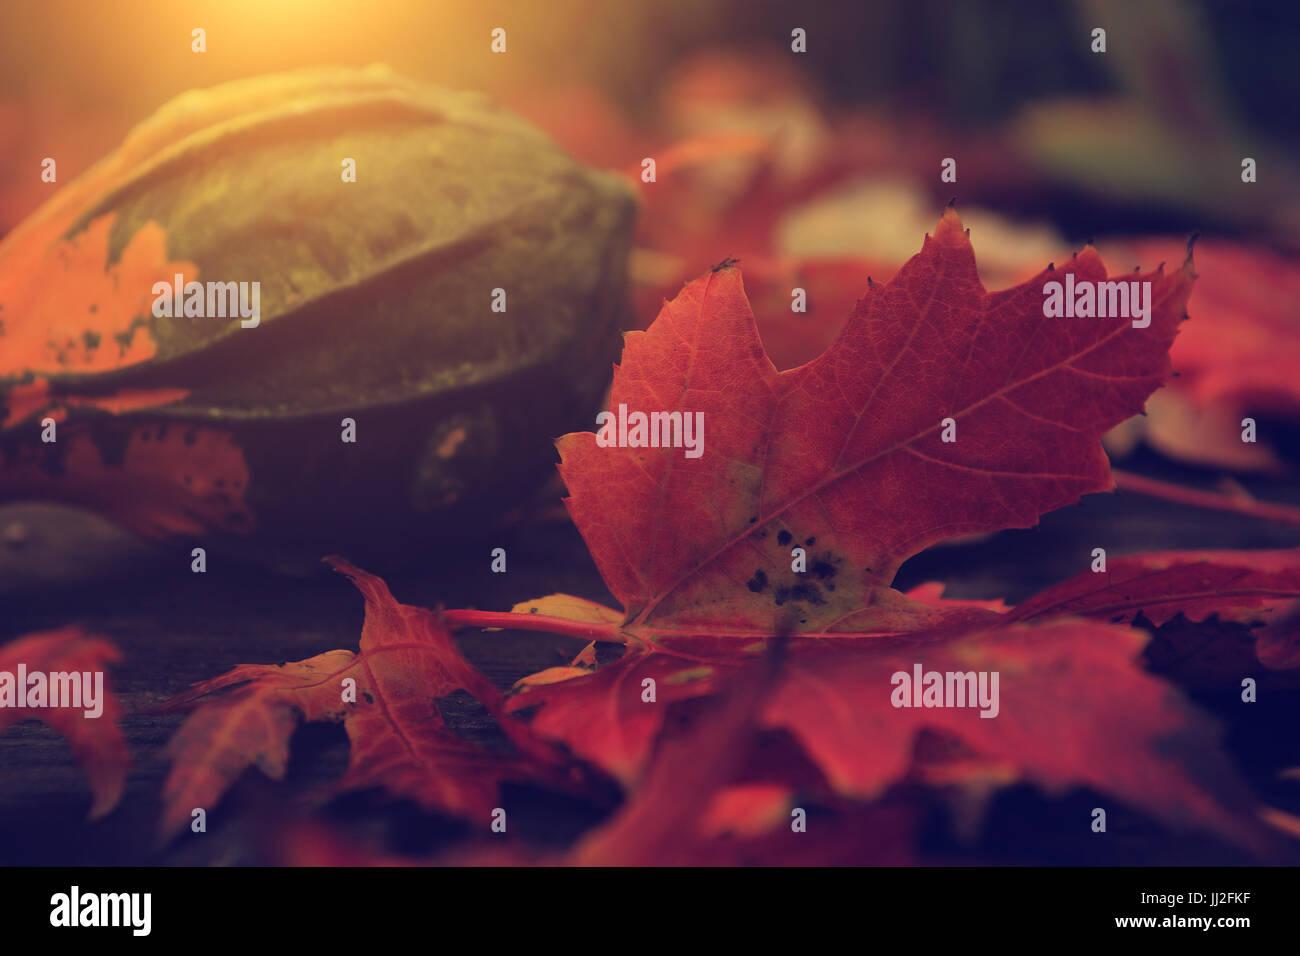 Vintage photo of autumn still life - Stock Image